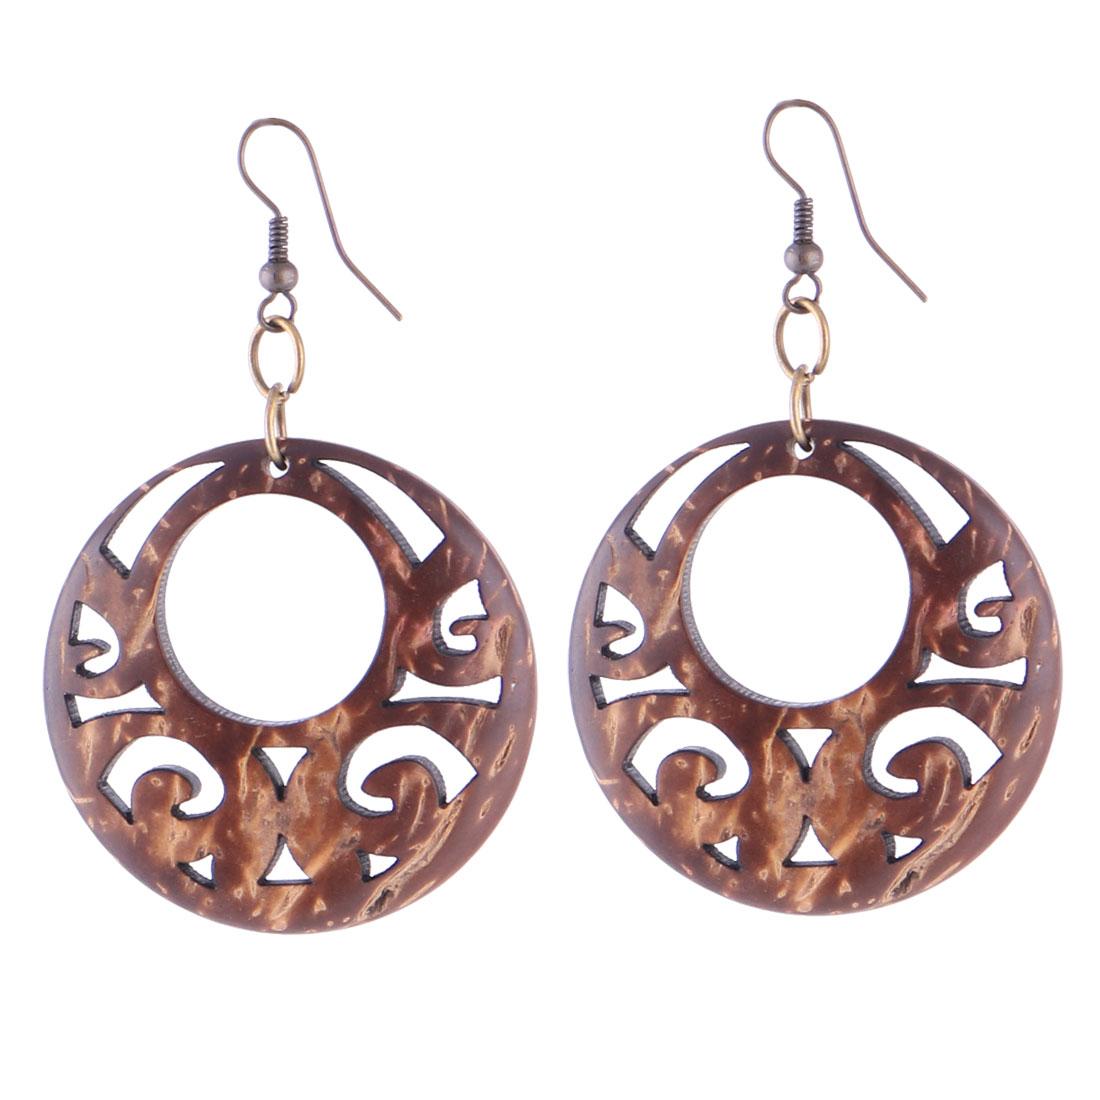 Lady Woman Wooden Oval Shape Carving Earbob Earrings Pierced Eardrop Pair